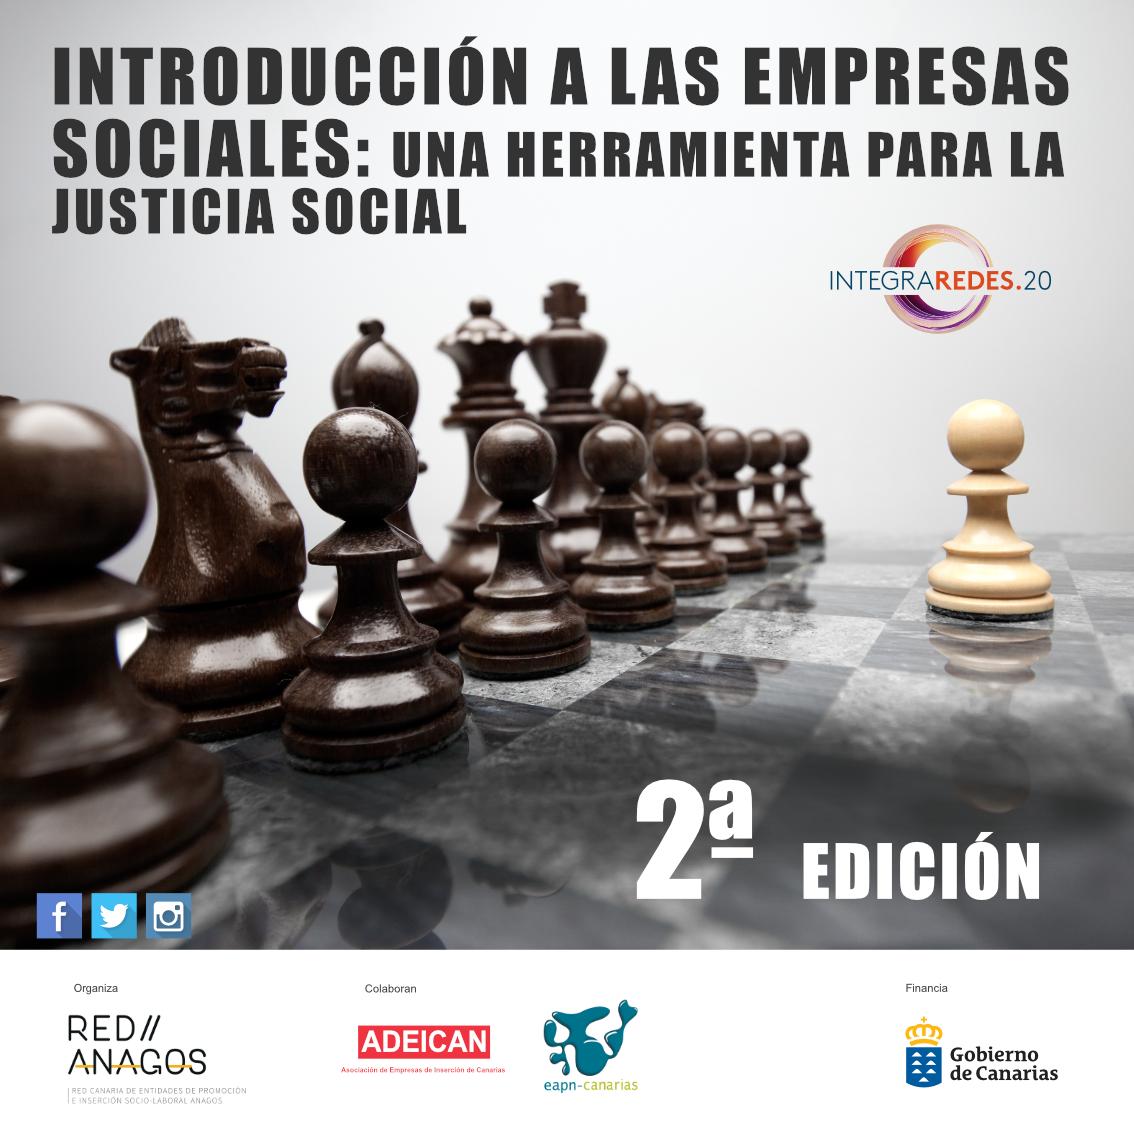 Curso de Introducción a Empresas Sociales (2ª edición)  Conceptos básicos de la Economía Social centrándonos en dos tipos de entidades: las Empresas de Inserción y los Centros Especiales de Empleo  Plazas limitadas!   Inscripción: https://t.co/sD1EsI2Uwt https://t.co/XkSN8PQFGy